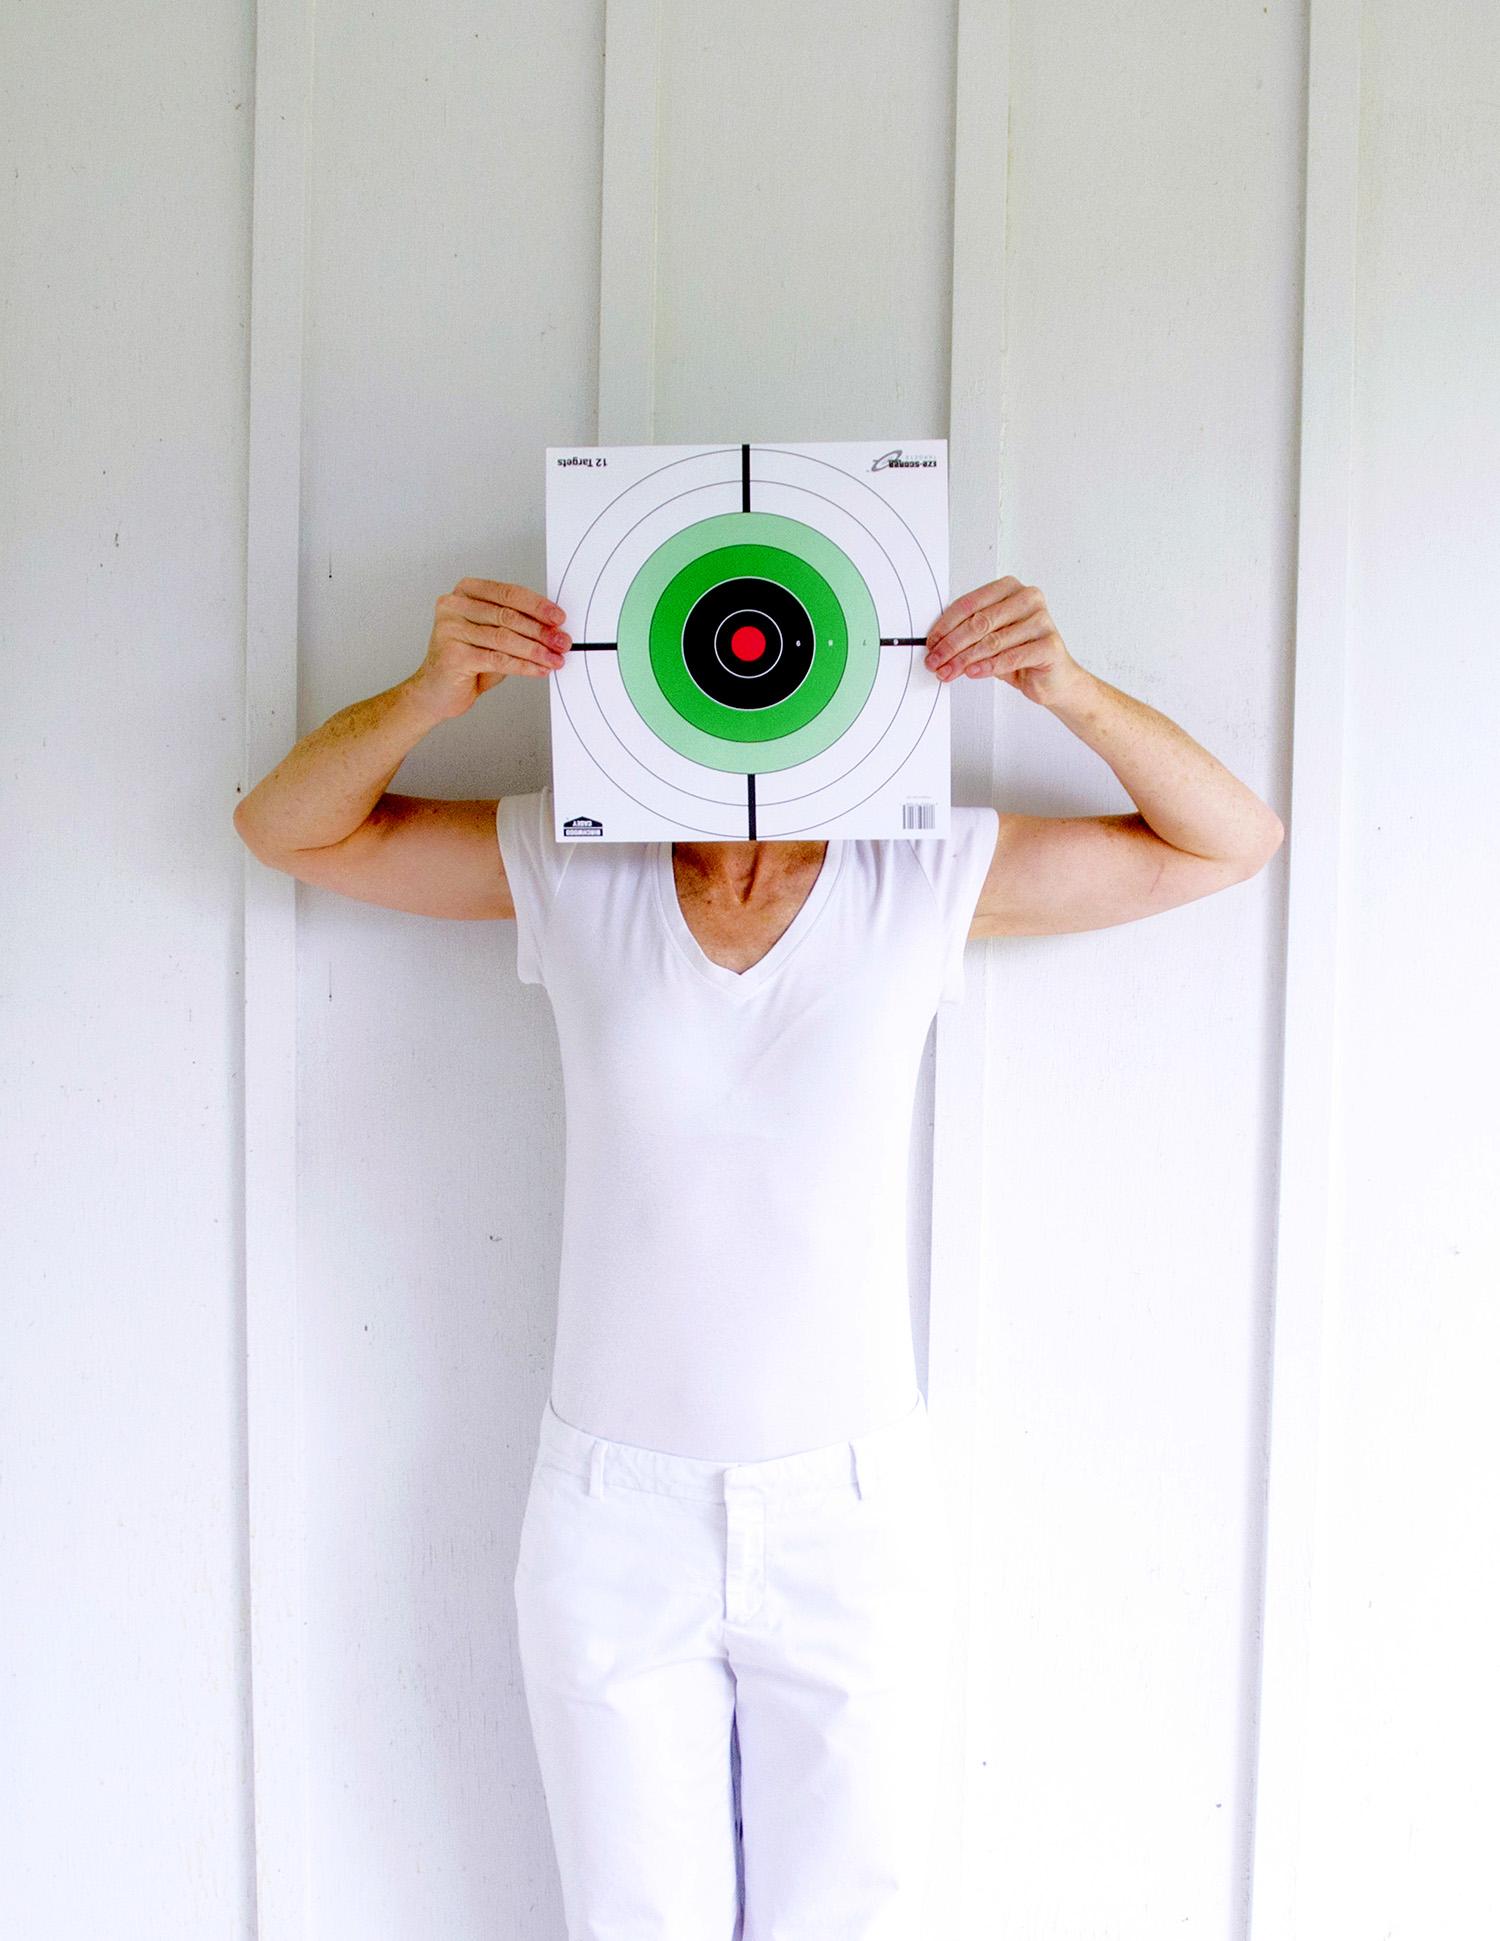 bullseye_3463.jpg